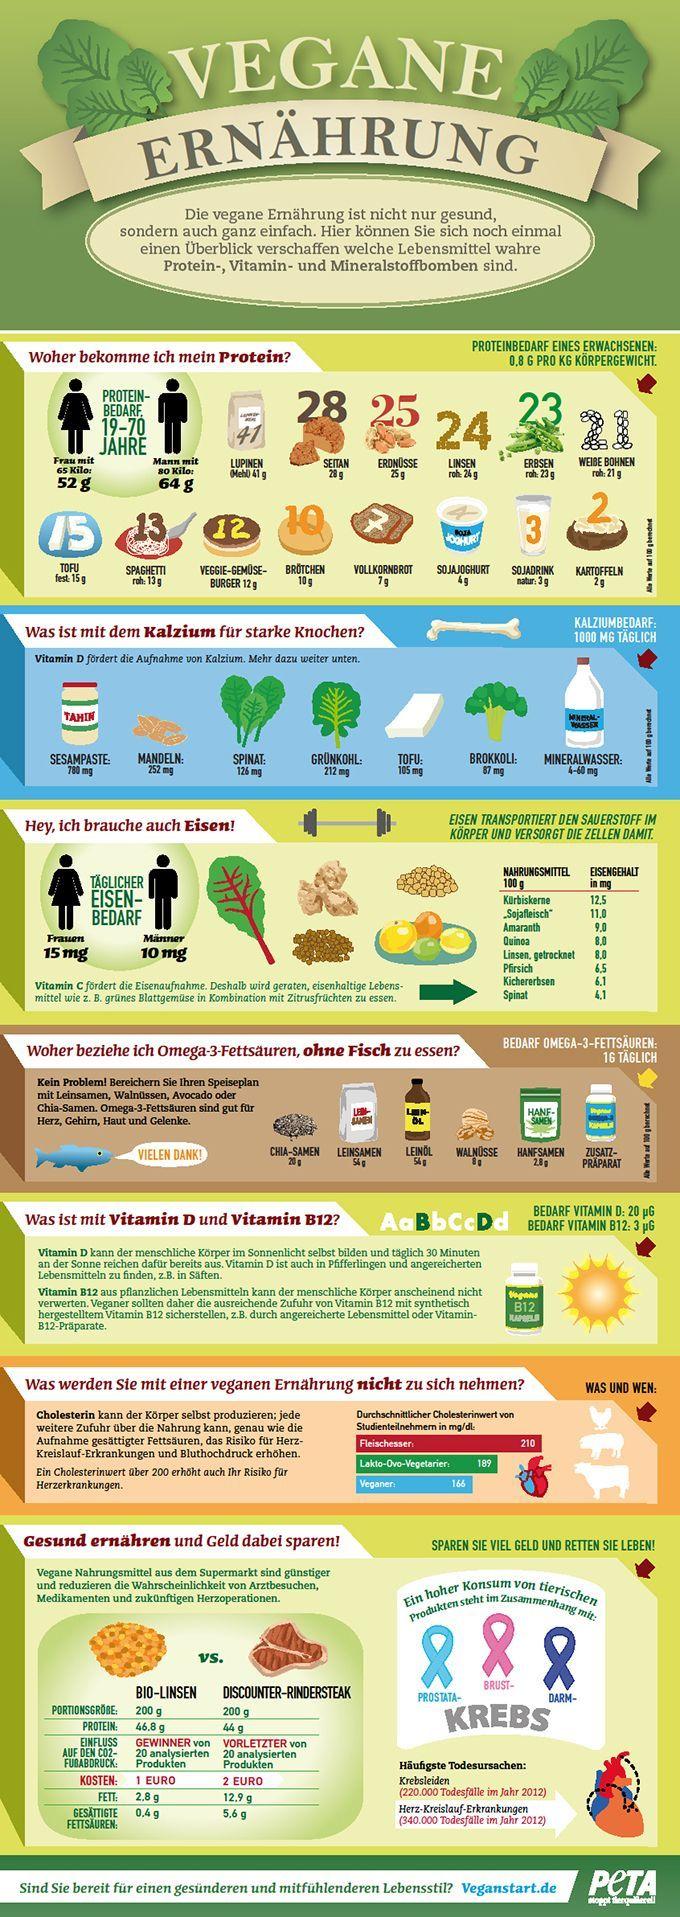 Haben Sie Fragen zur veganen Ernährung?